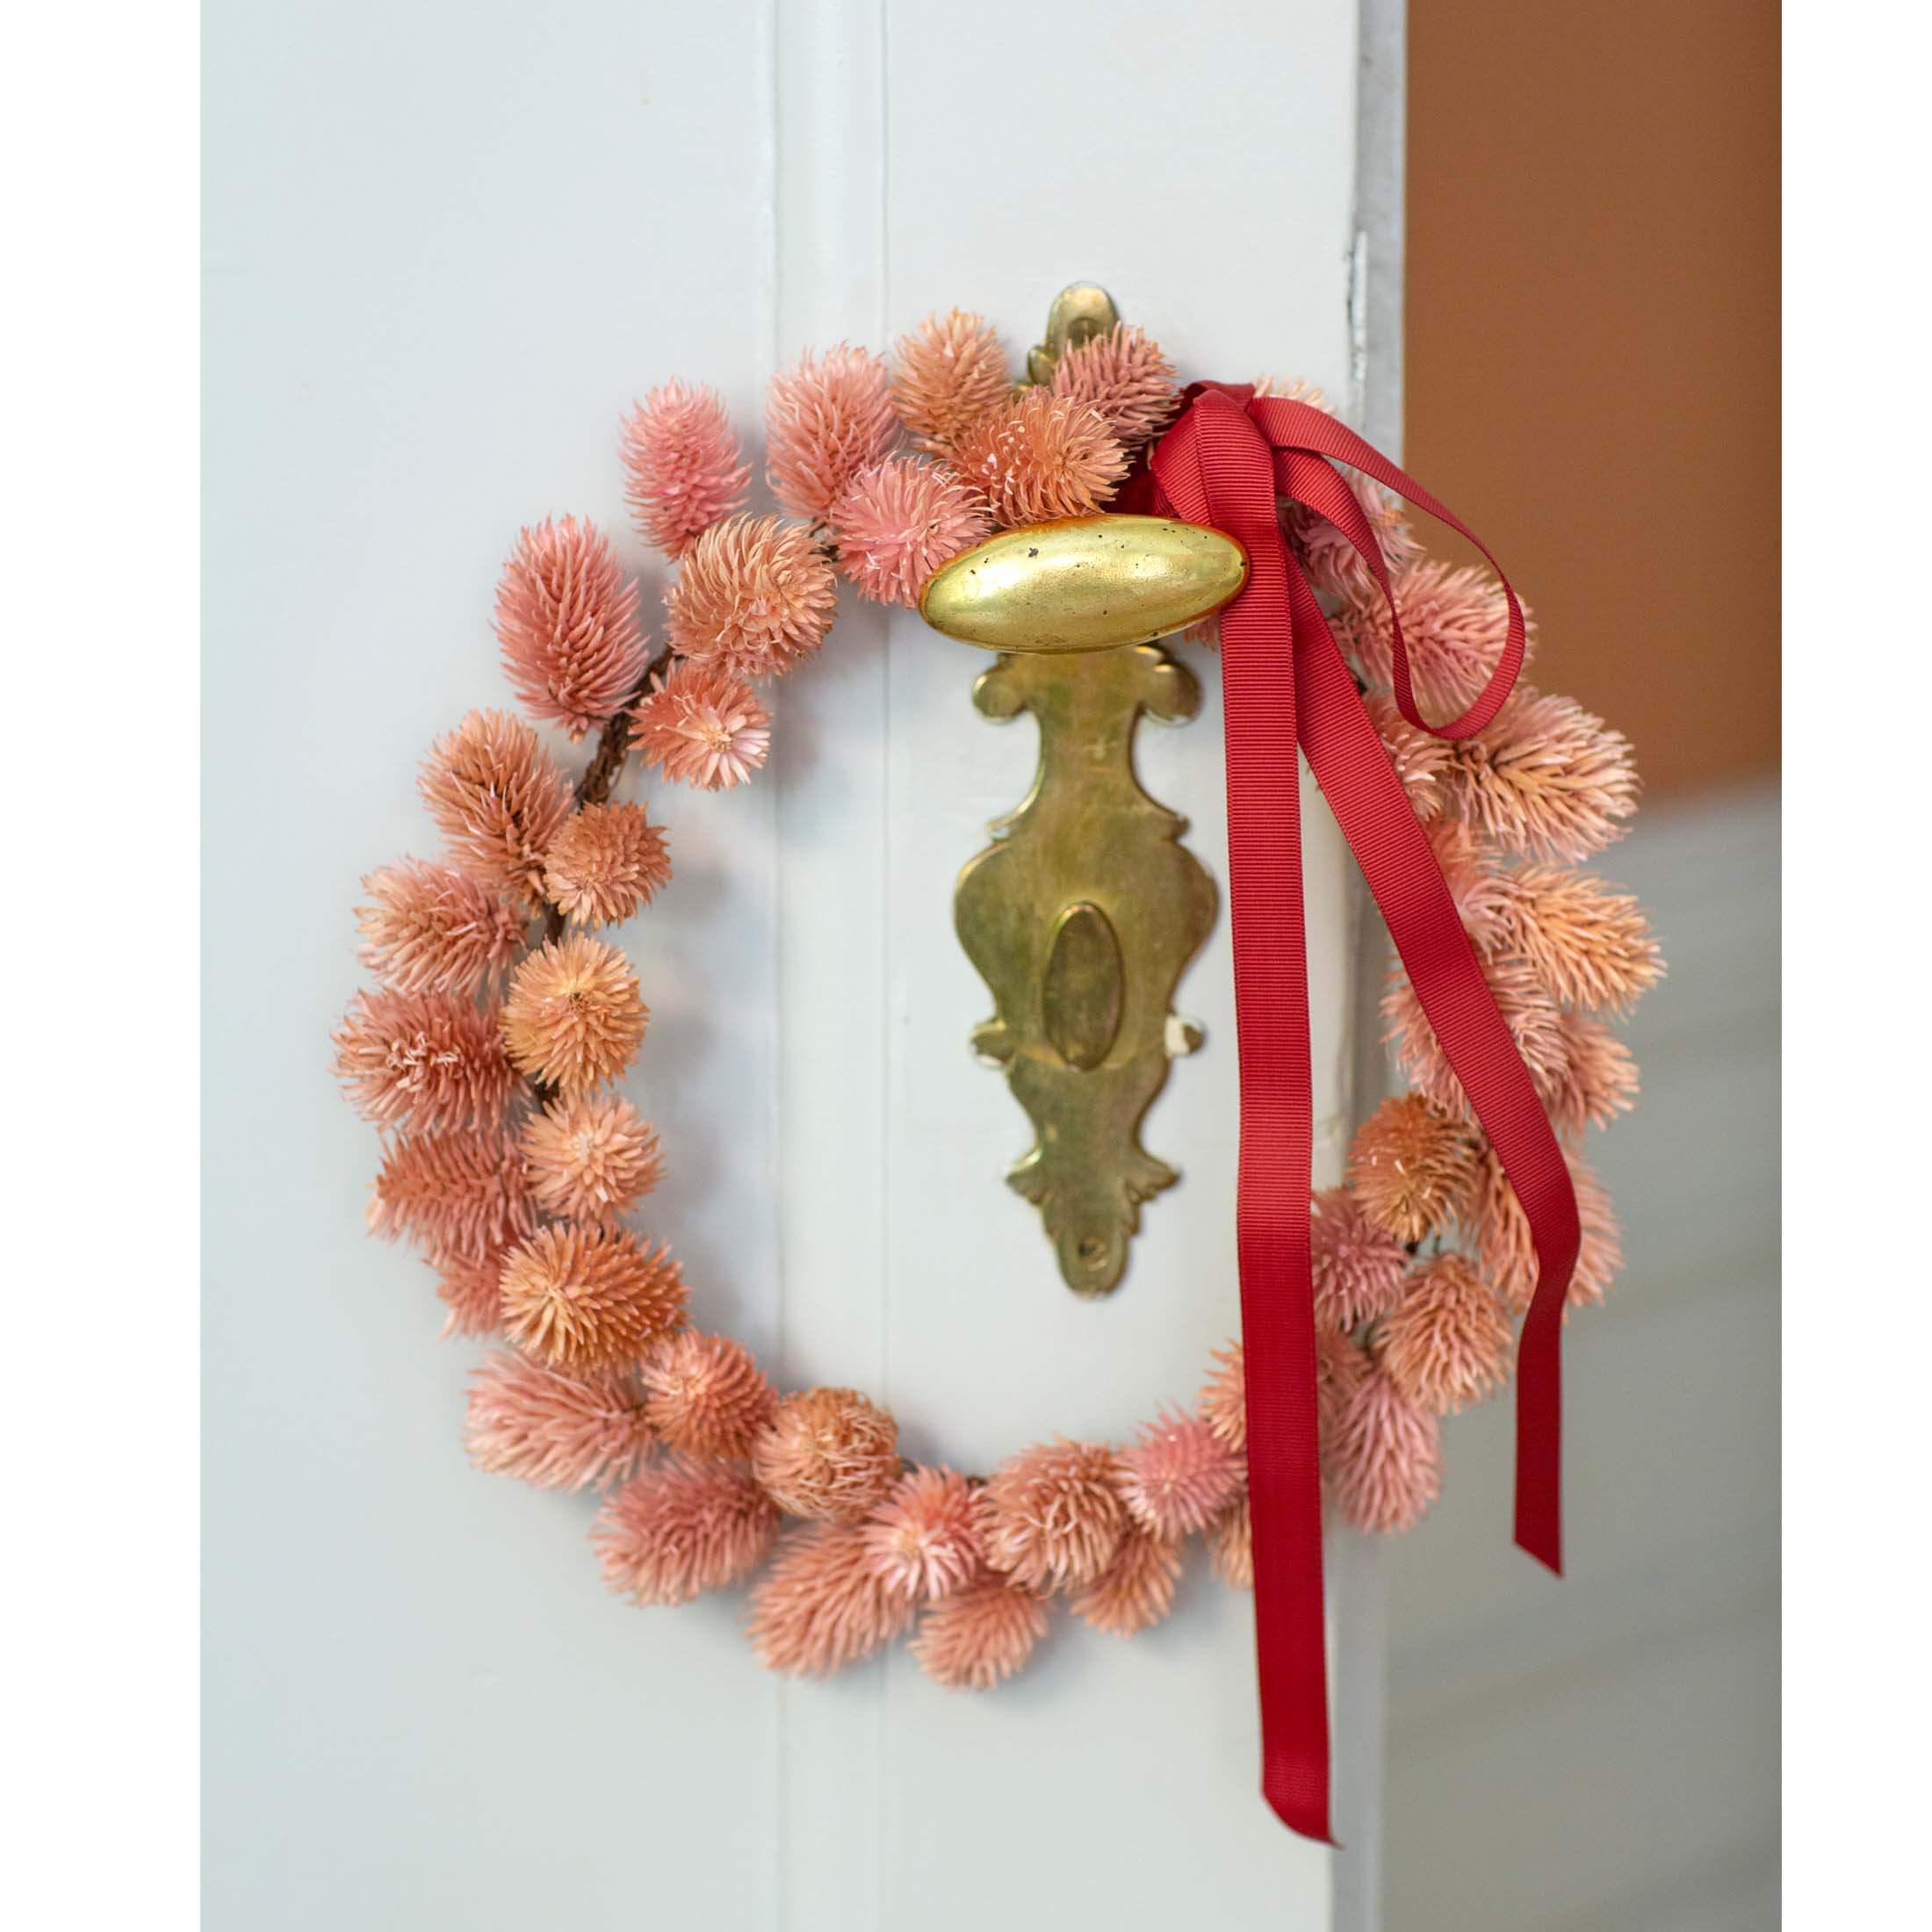 Herbstkranz aus Trockenblumen in Rosa | skandinavischer Deko Kranz aus Trockenblumen von Bungalow Dänemark für Ihre schöne Dekoration. Onlineshop Soulbirdee